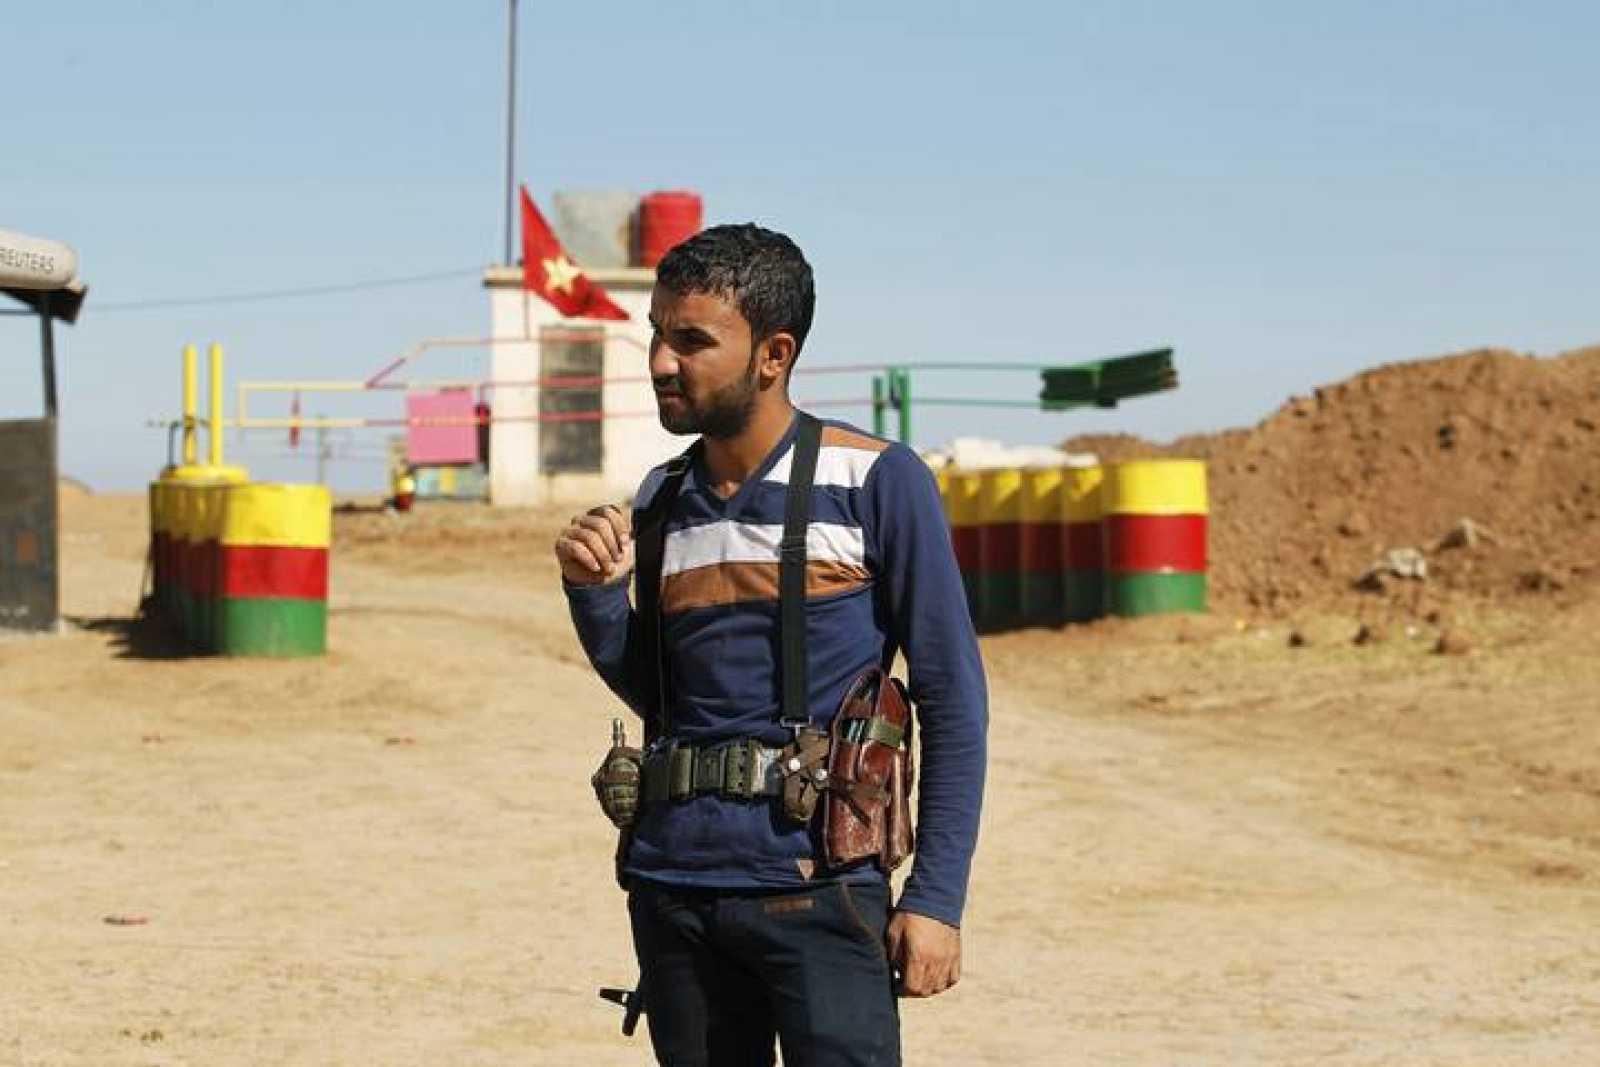 Un miembro de la milicia del Partido de la Unión Democrática (PYD) hace guardia junto a un puesto de control en la frontera sirio-iraquí